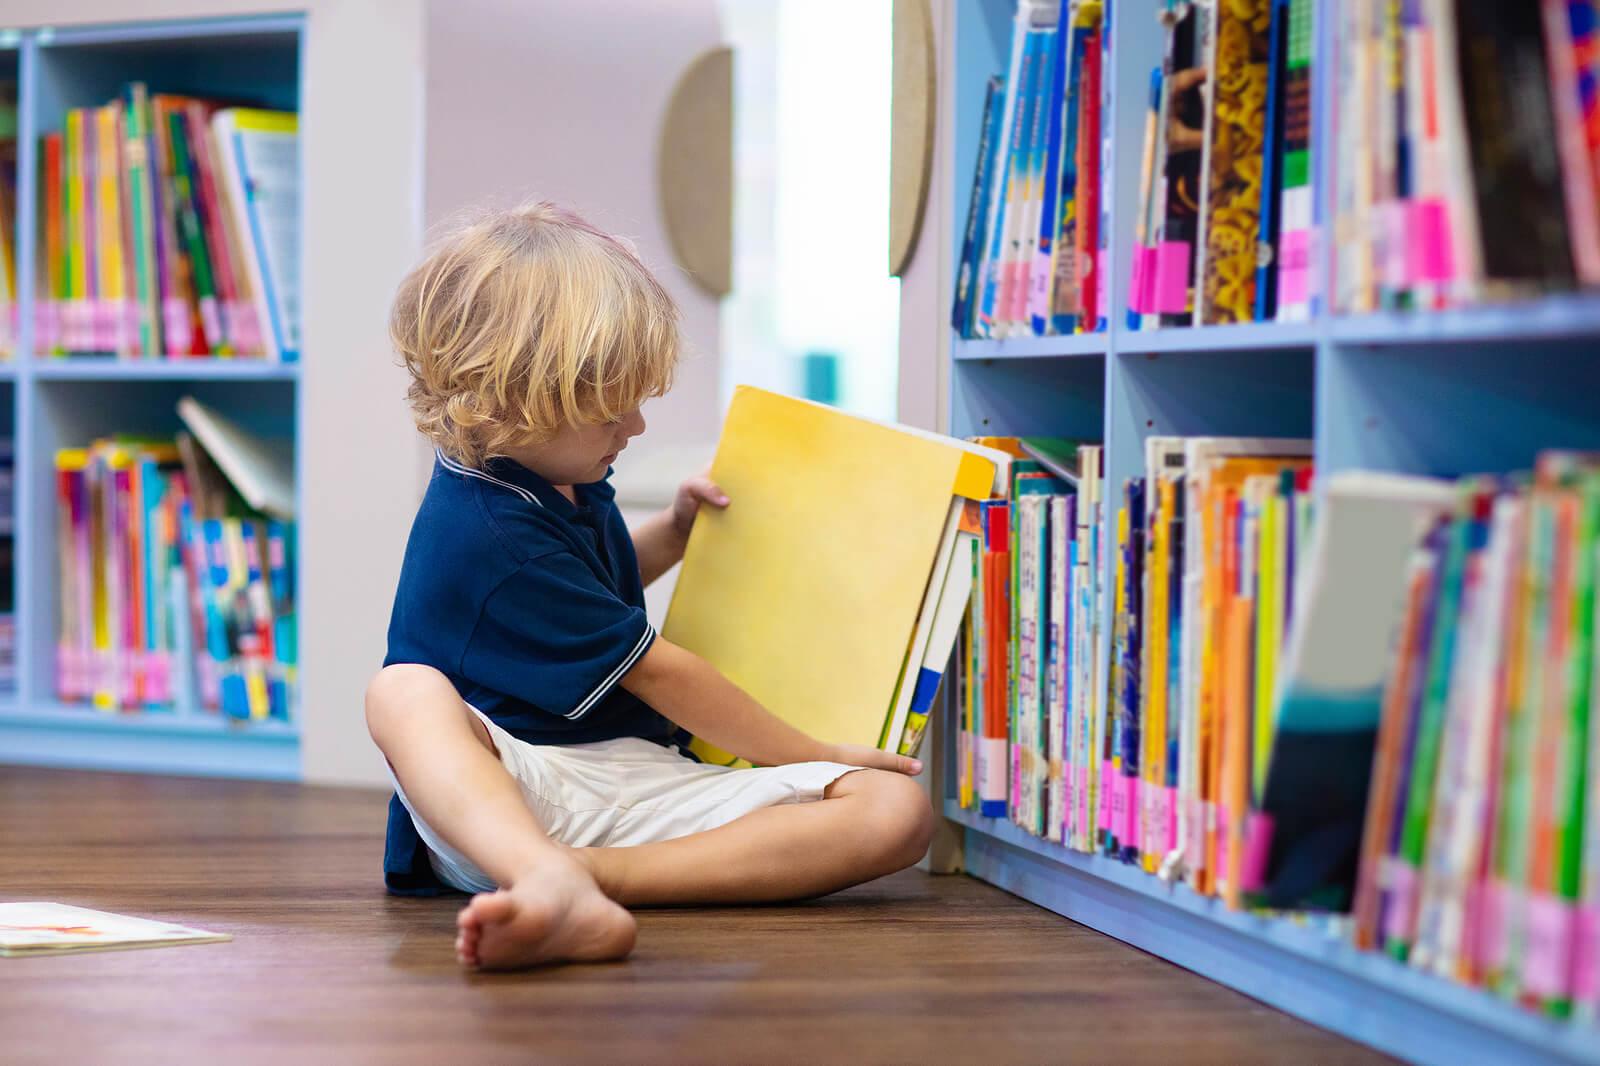 Niño cogiendo un libro y leyendo en la biblioteca de aula.